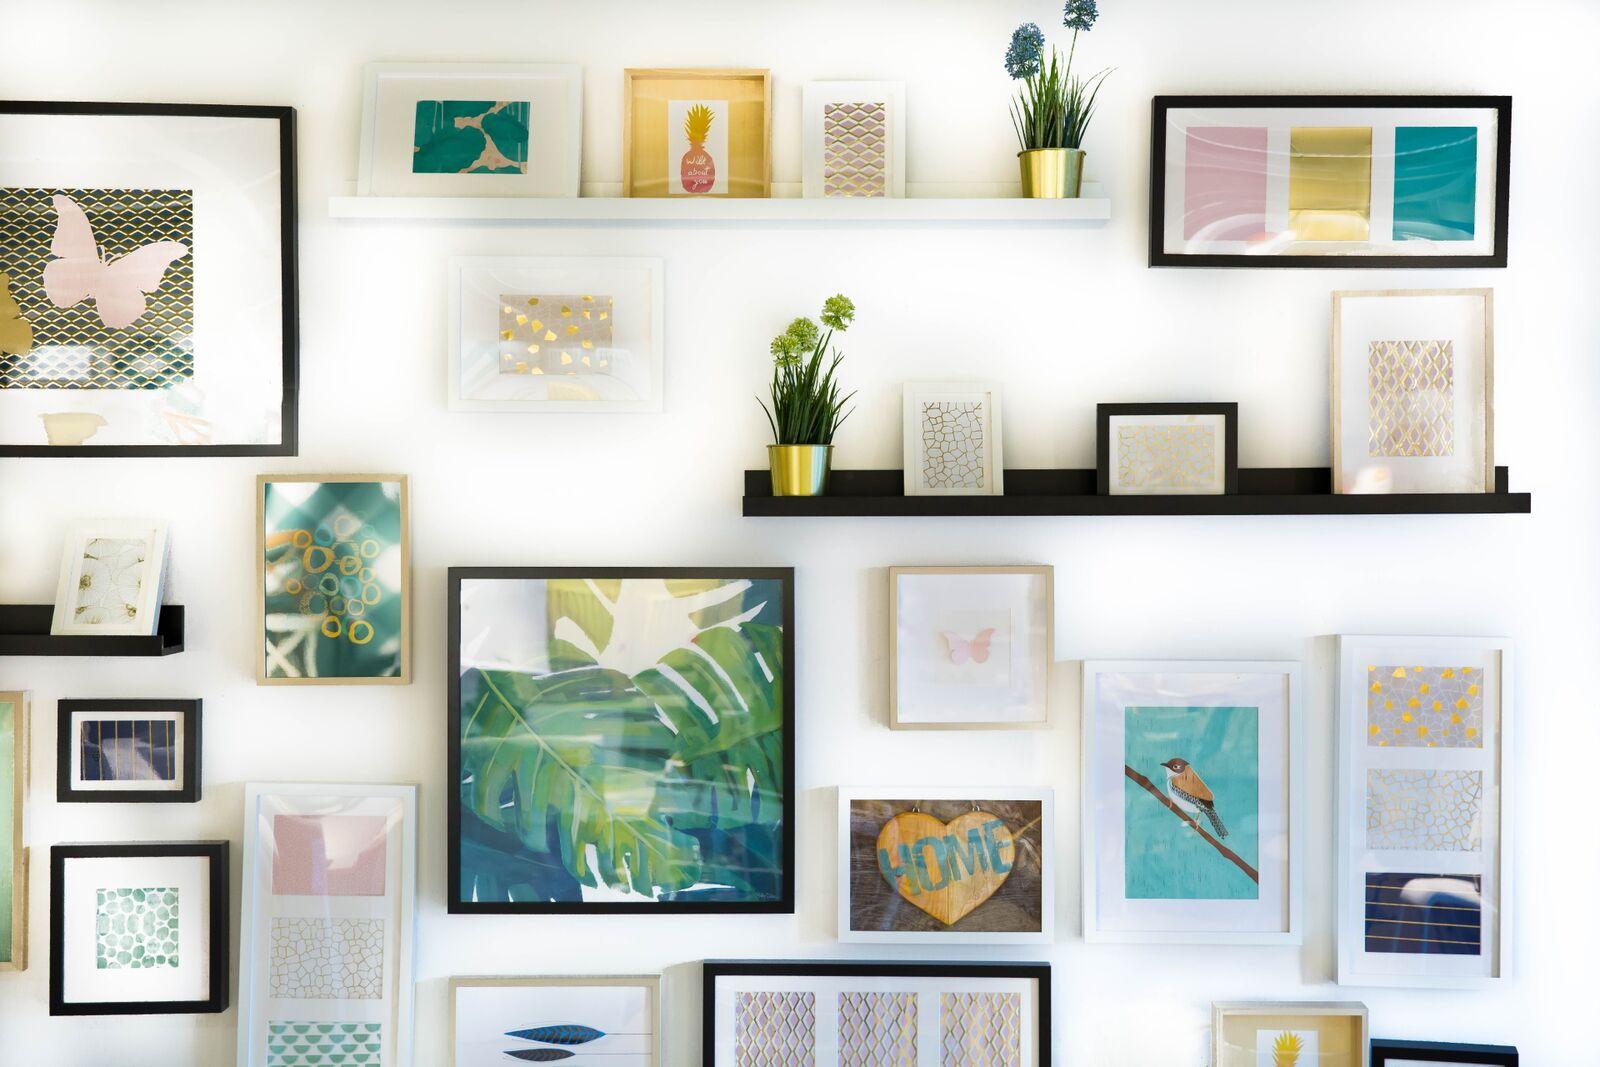 Un mur est recouvert de cadres de toutes les tailles avec des illustrations variées.